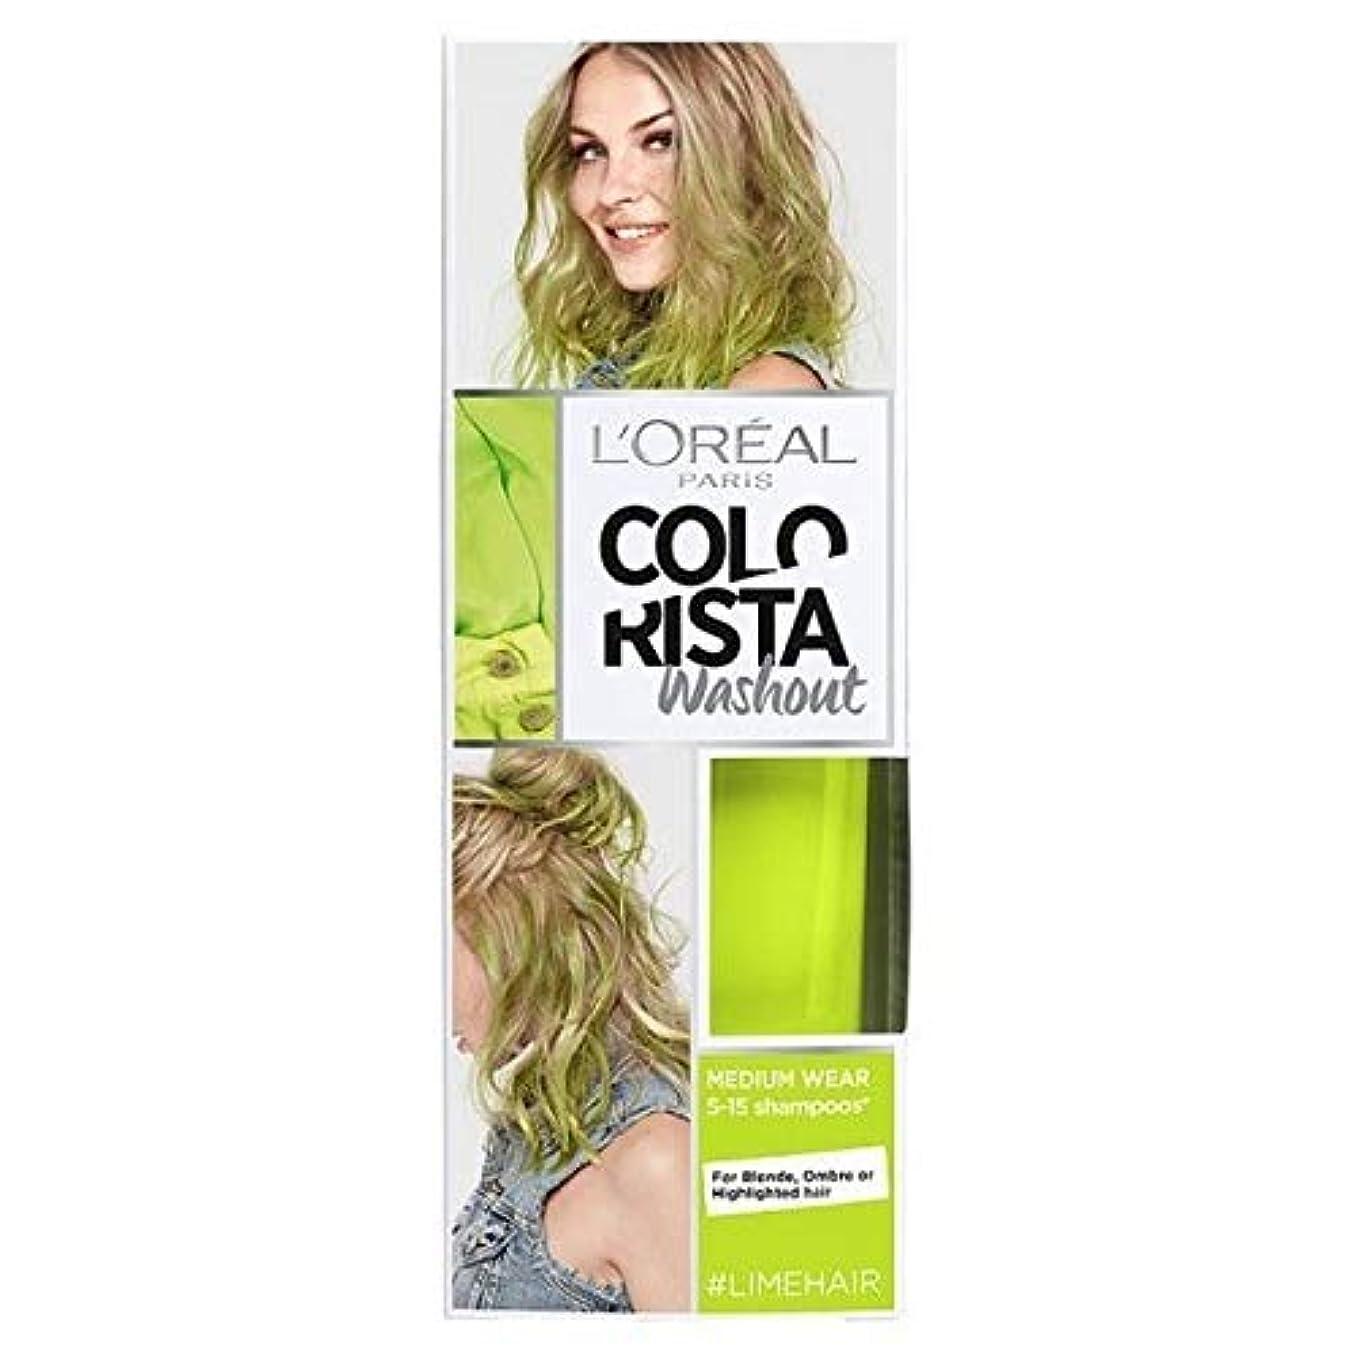 生き物敬予防接種する[Colorista] Colorista洗い出しライムグリーン半永久染毛剤 - Colorista Washout Lime Green Semi-Permanent Hair Dye [並行輸入品]